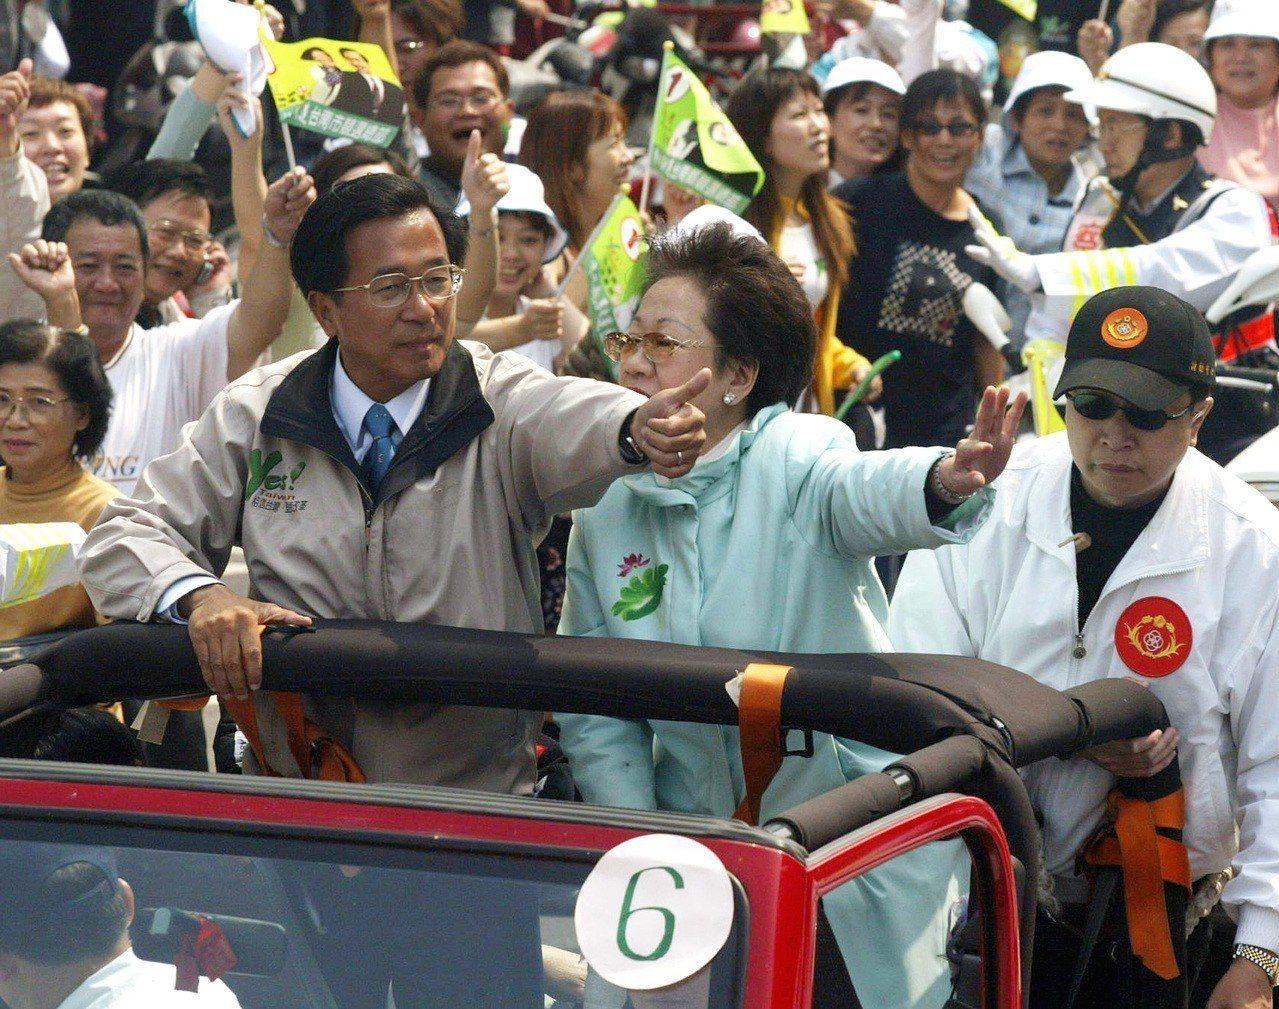 前總統陳水扁、前副總統呂秀蓮在台南市拜票遭槍擊受傷,被視為影響2004年總統大選...